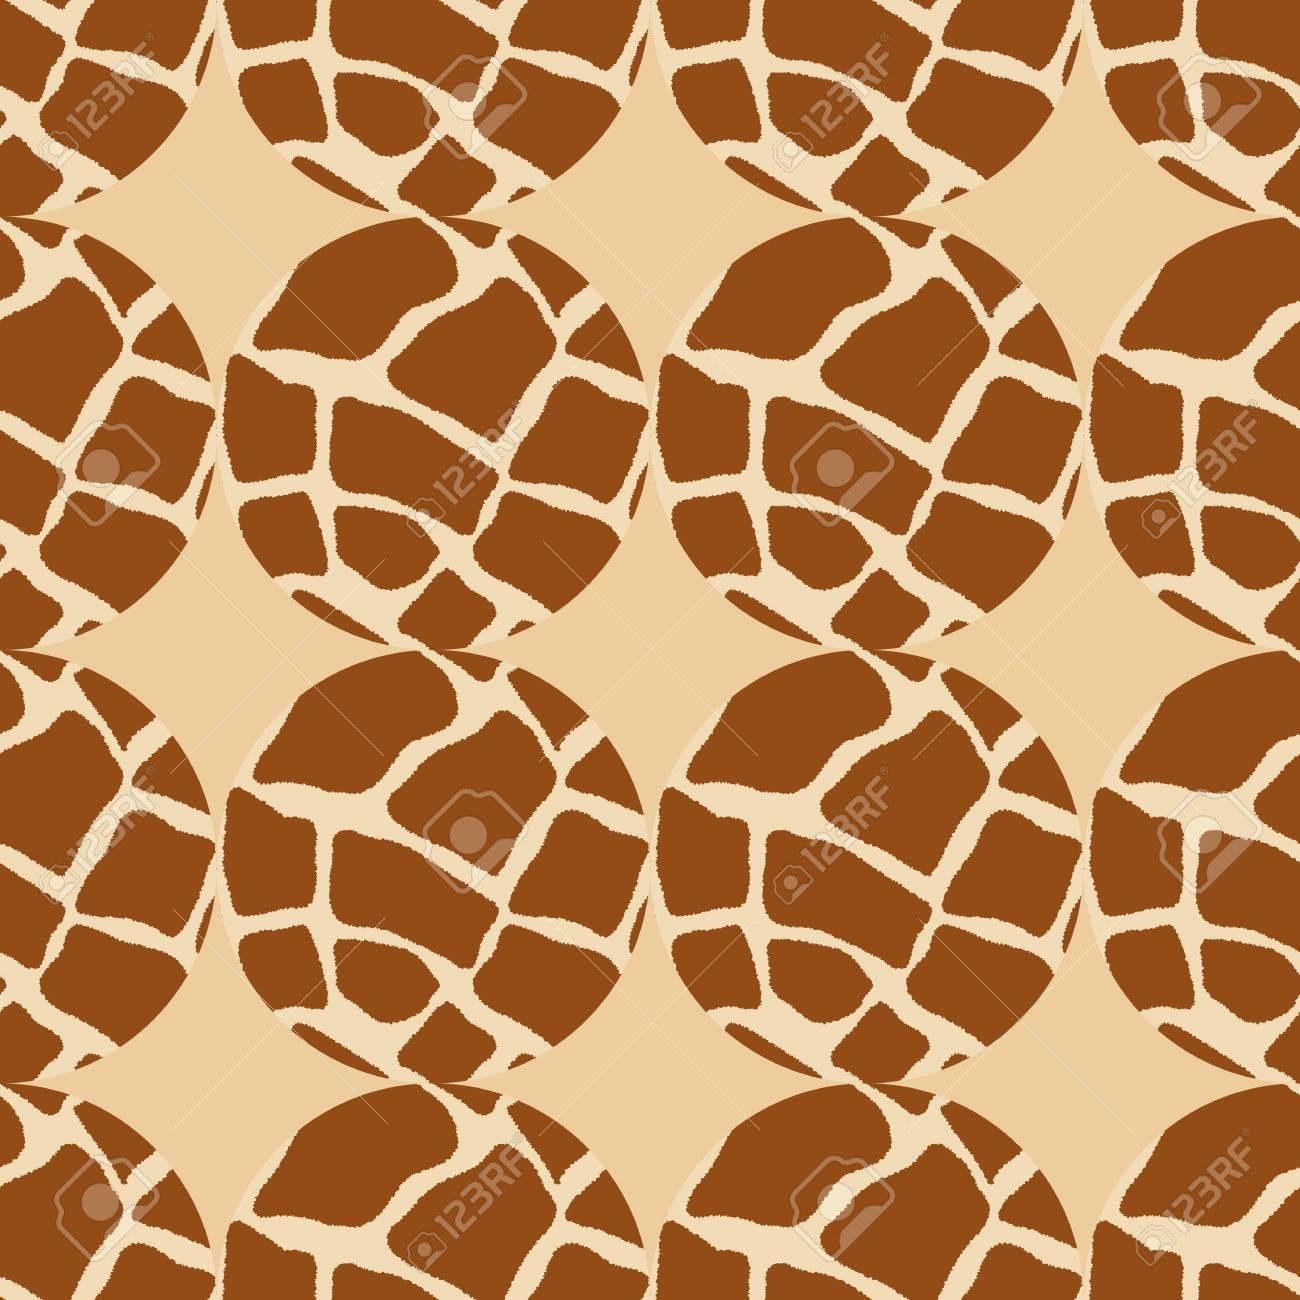 サークル ベクトル図のシームレスな幾何学模様 キリンの肌の背景のイラスト素材 ベクタ Image